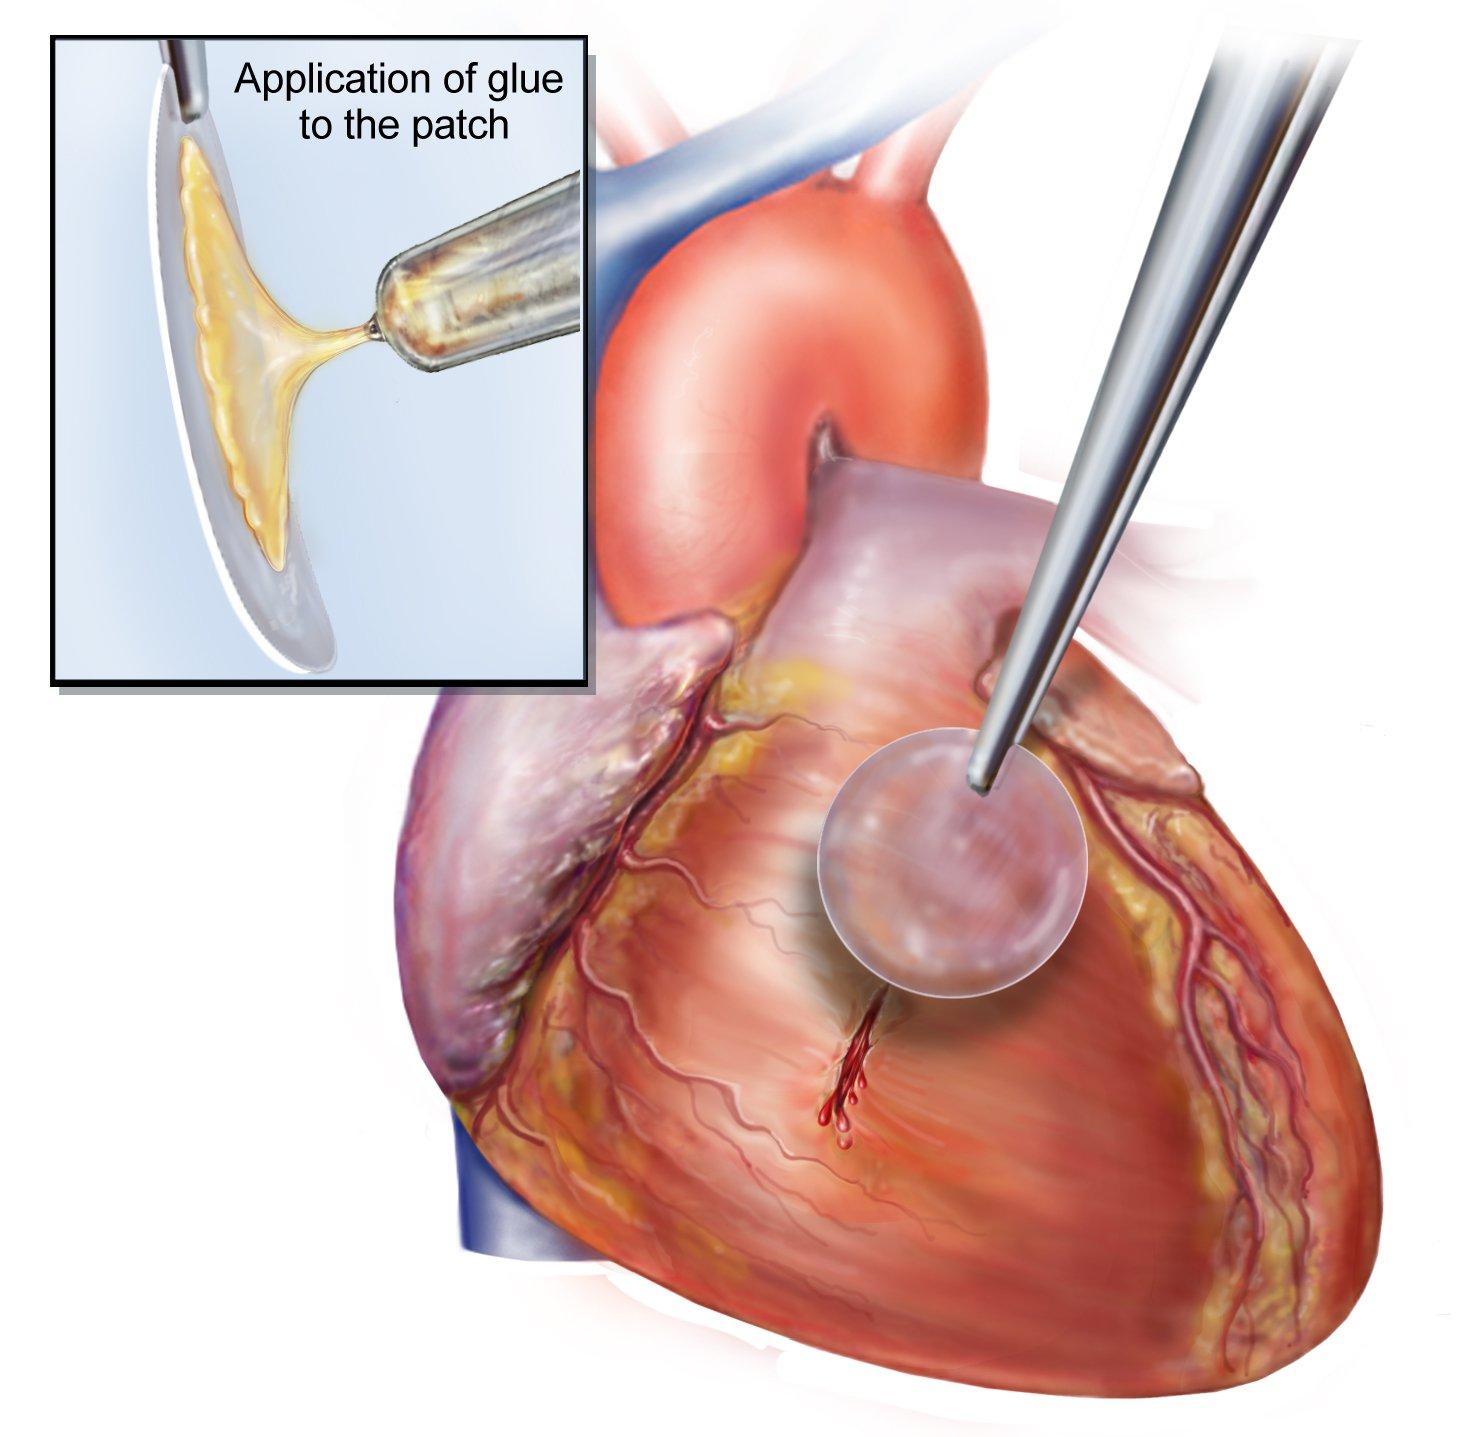 Klebstoff-Flicken fürs Herz: Bei Tierversuchen konnten mit kleberbeschichteten Patches bereits Defekte in der linken Herzkammer ohne zusätzliche Nähte verschlossen werden. Das Material hielt dem hohen Druck stand, mit dem Blut durch Herz und Gefäße gepumpt wird.